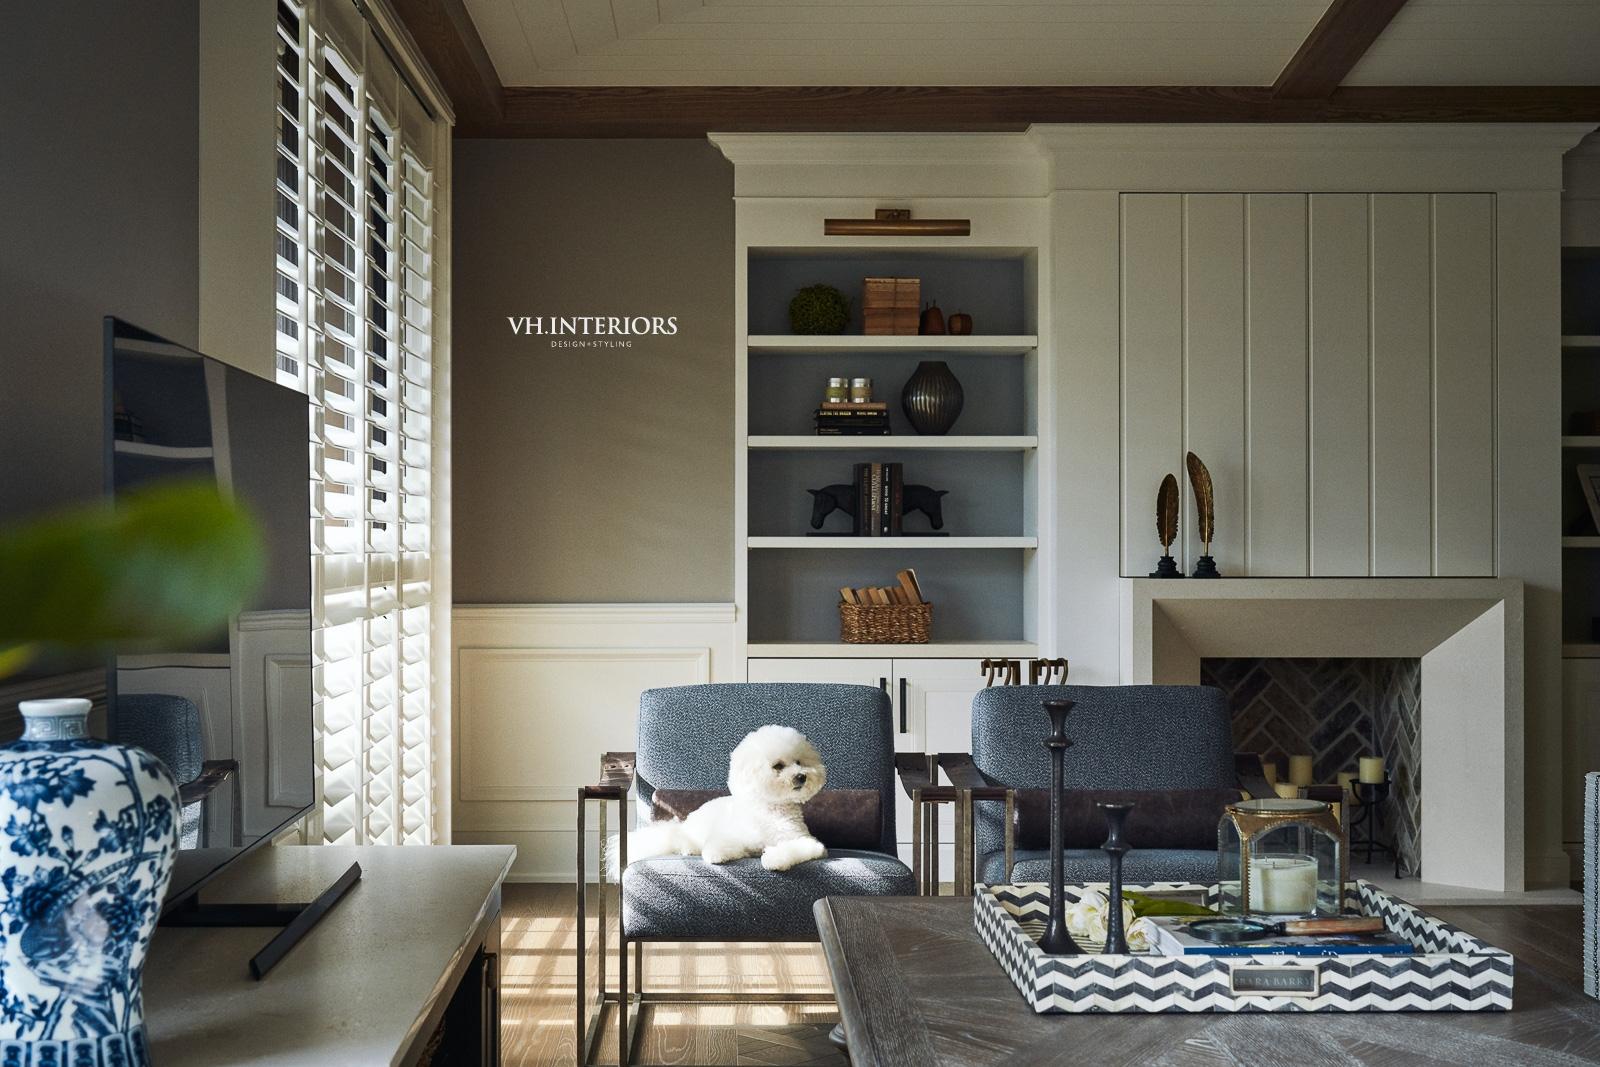 VH_ApartmentWithDog-184.jpg